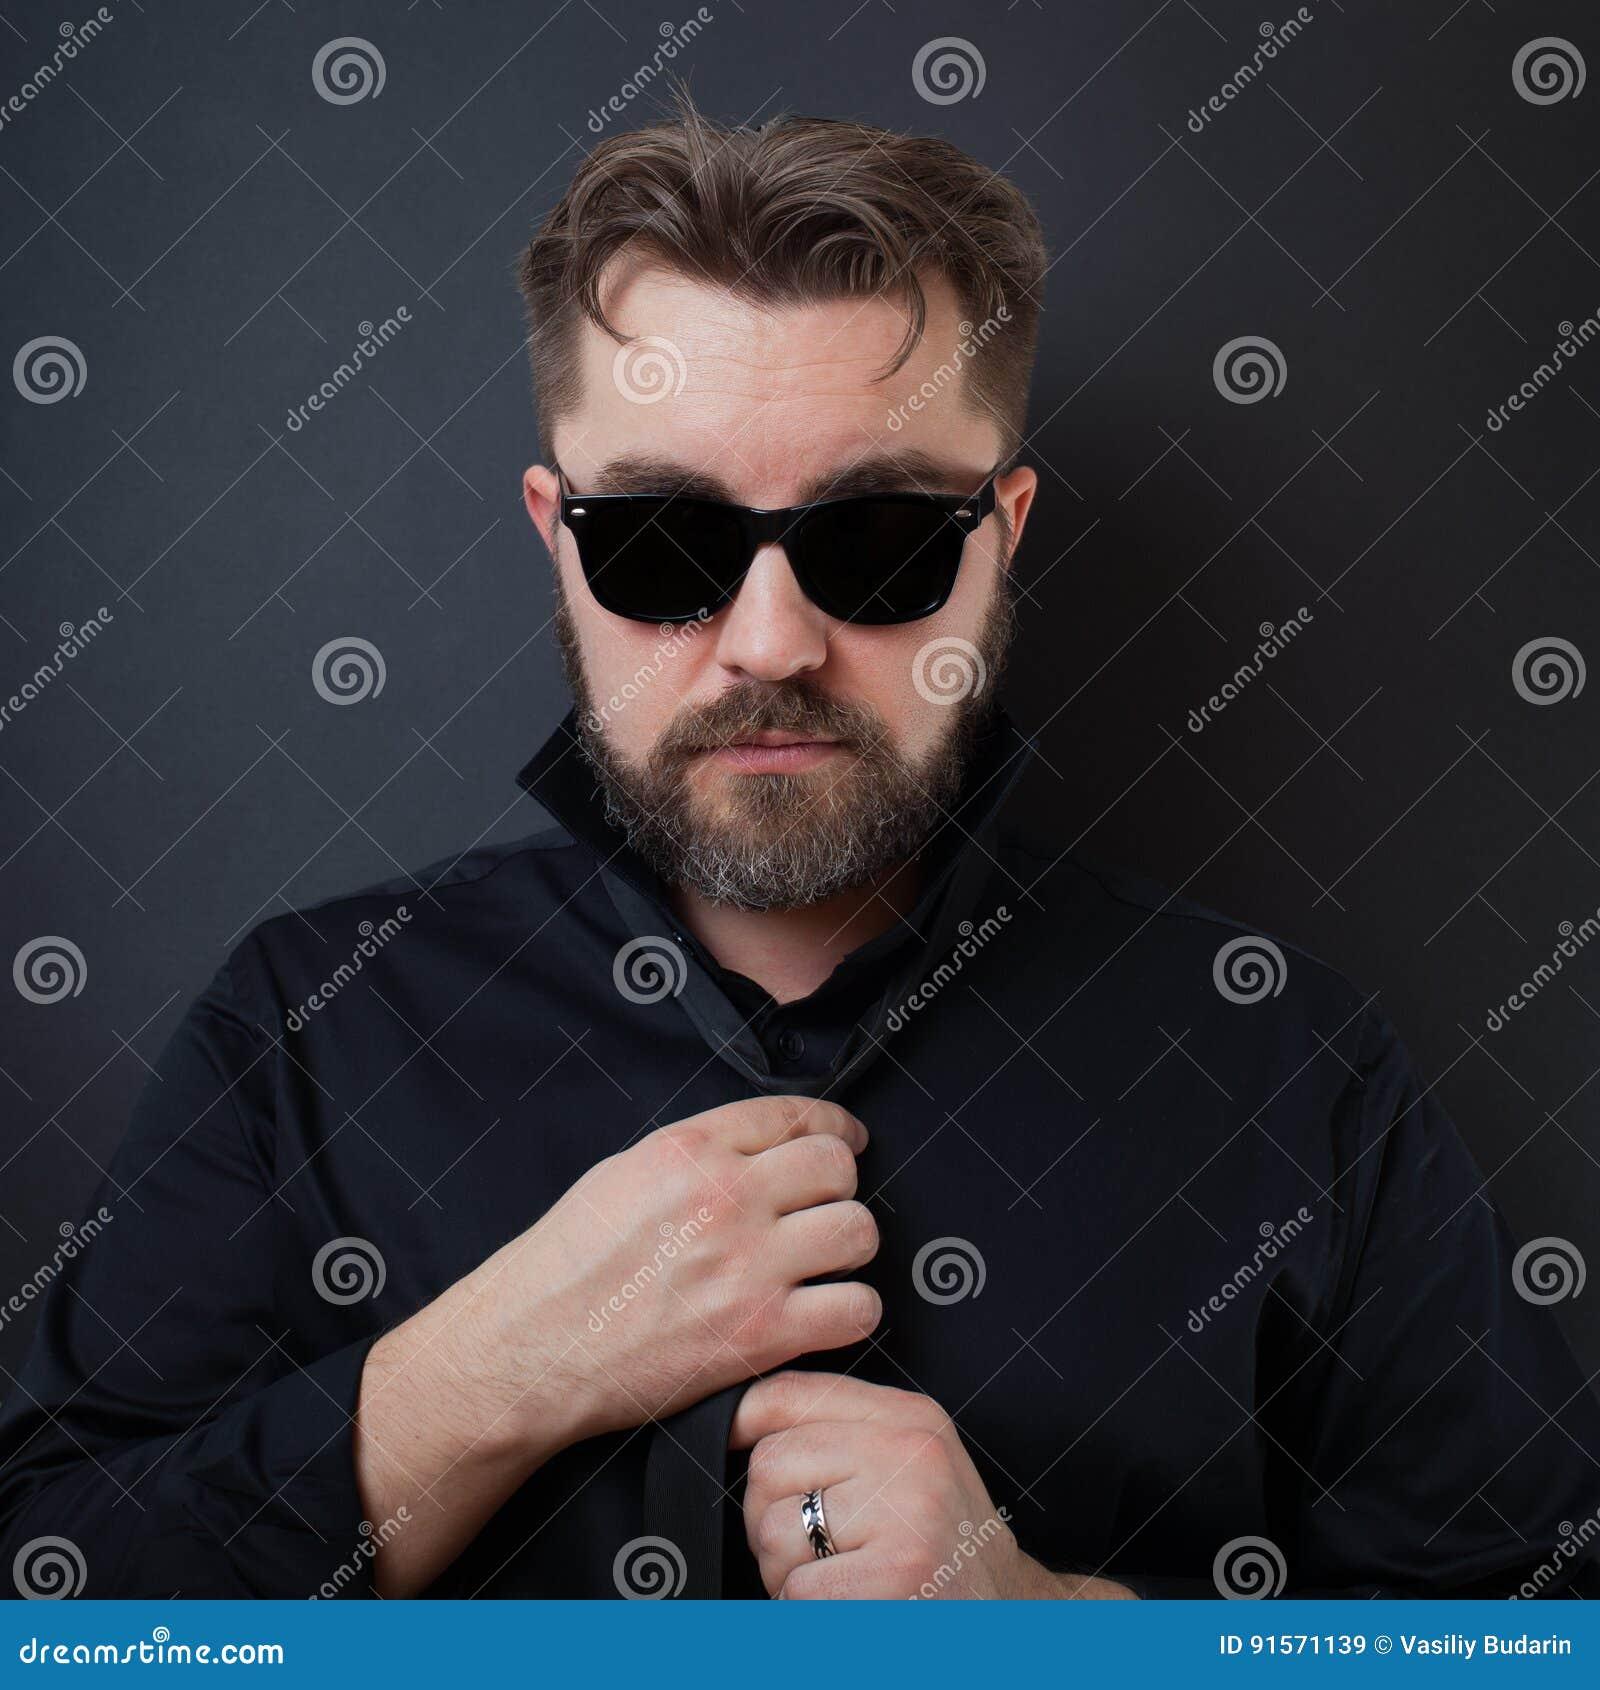 Un Homme Brutal Avec Une Barbe Et Une Coiffure Elegante Dans Une